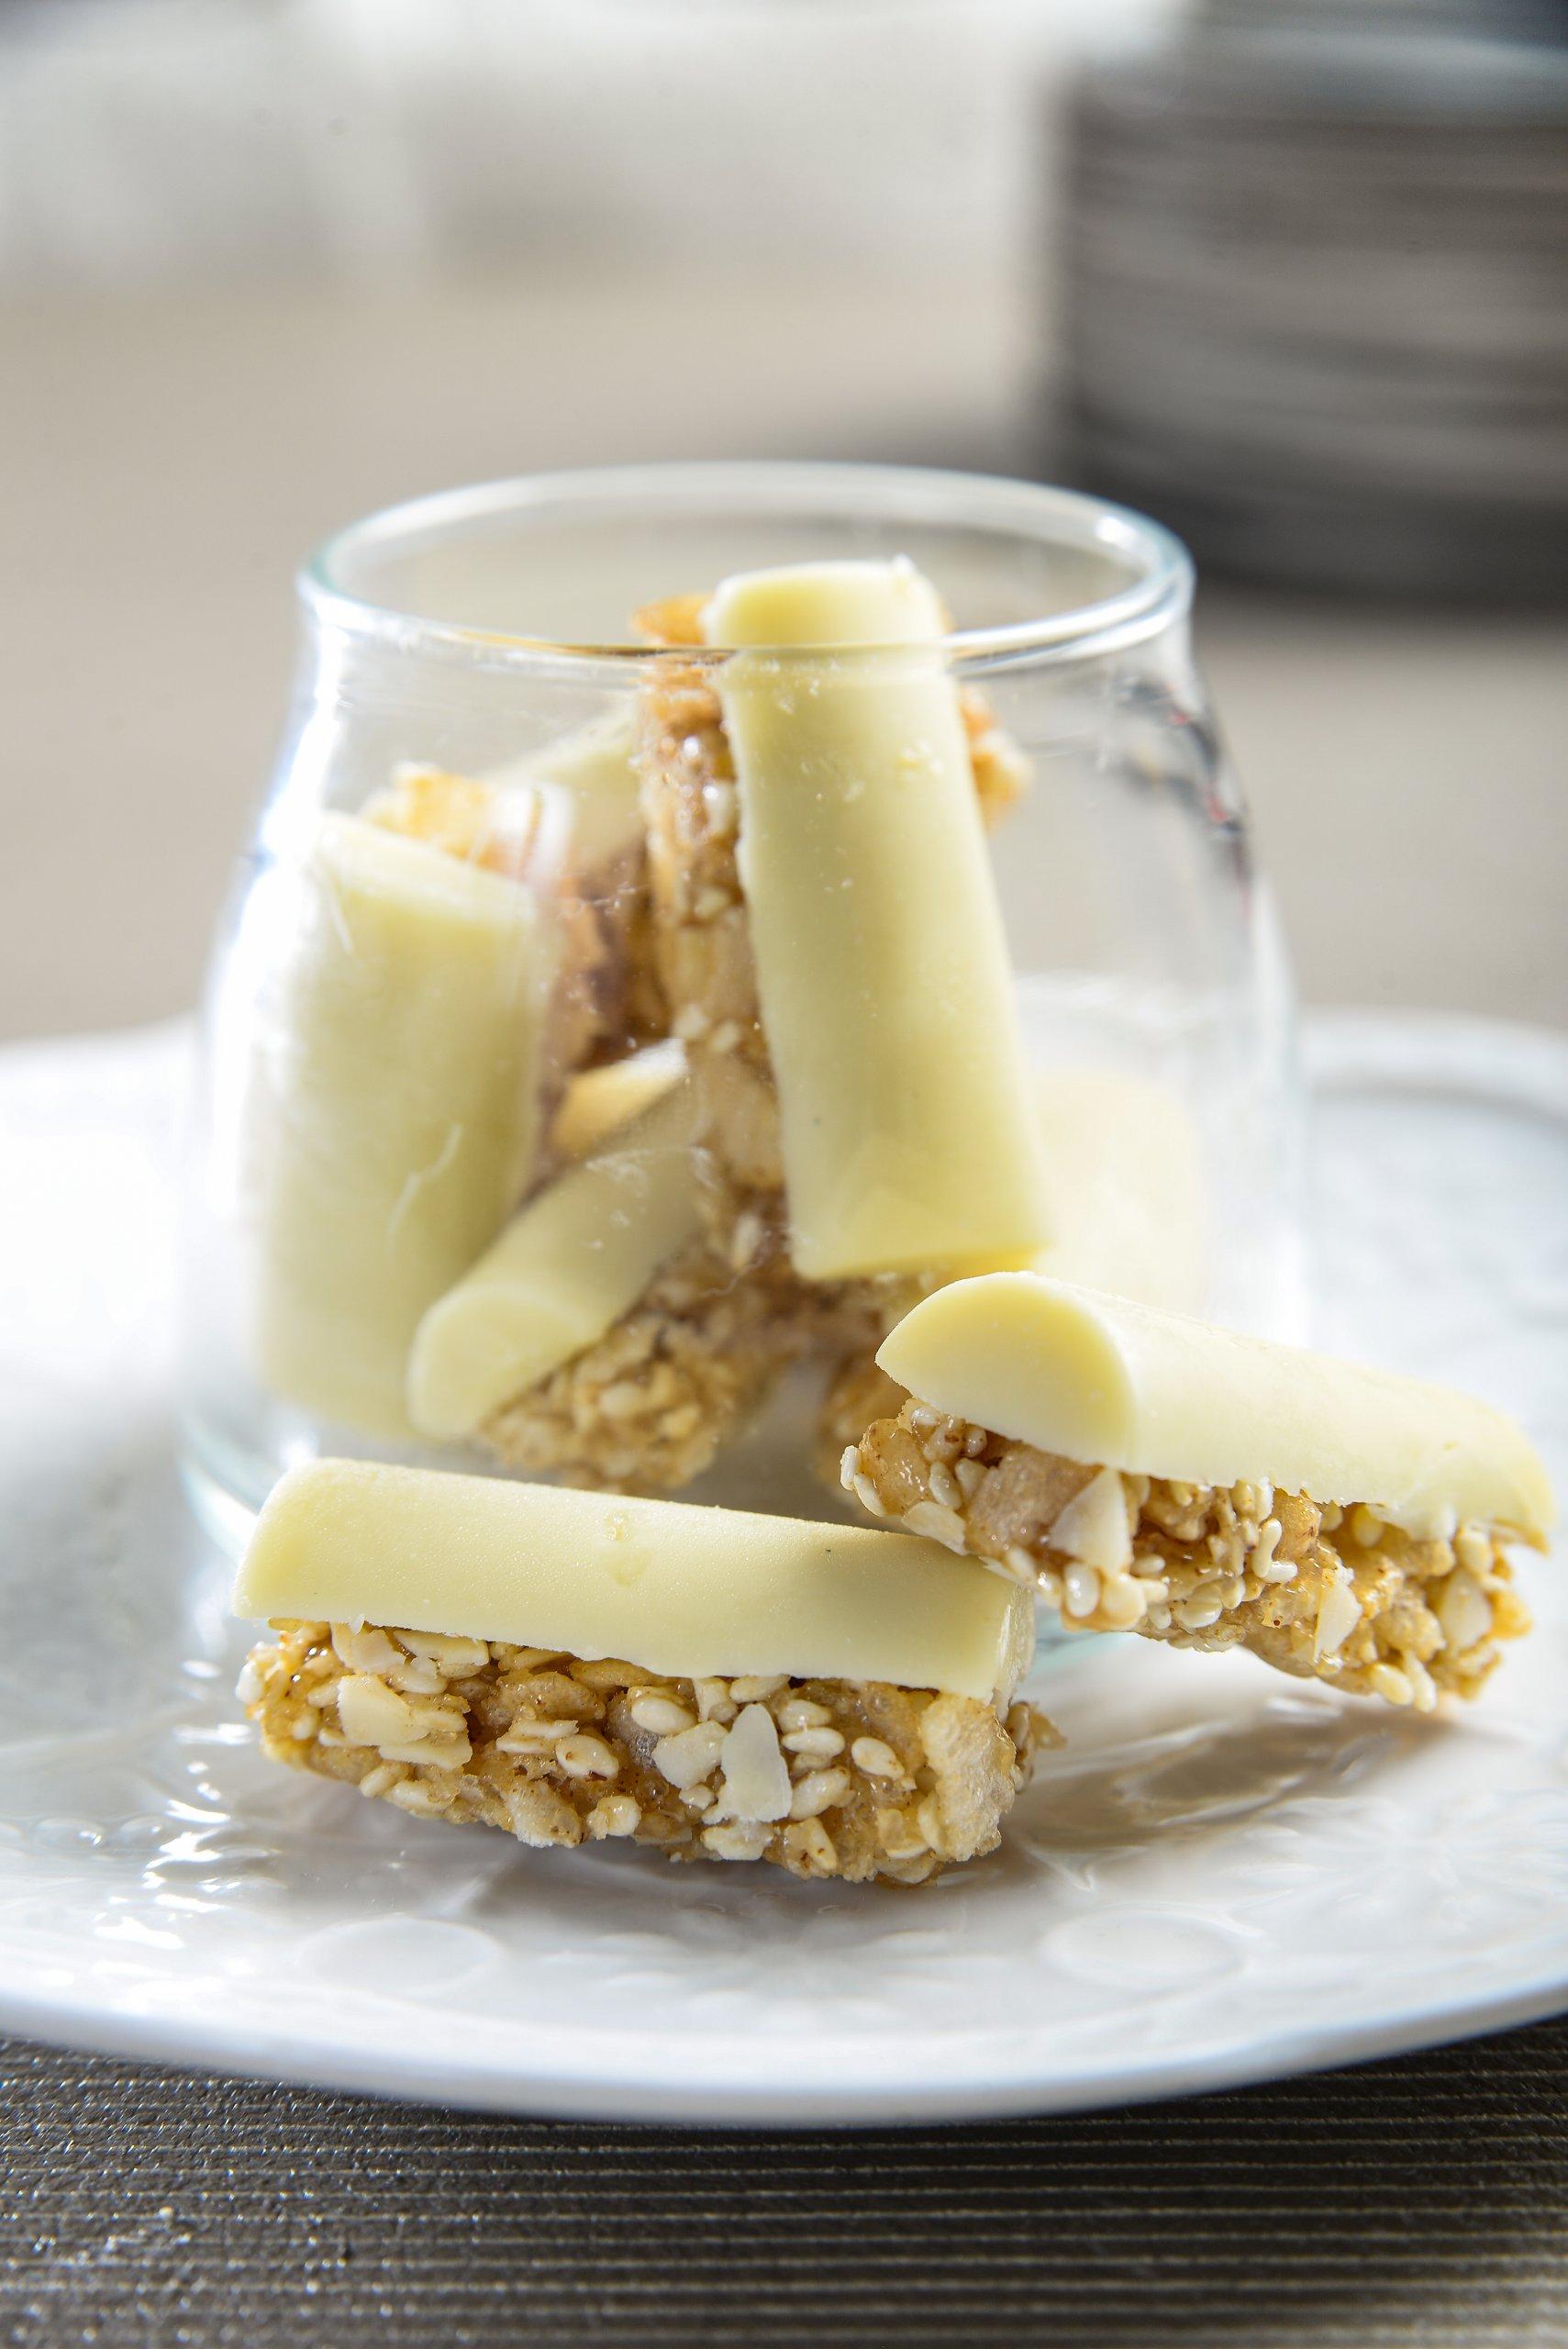 חטיף פצפוצי אורז טחינה גולמית שומשום ושוקולד לבן /השפית ליאורה כהן